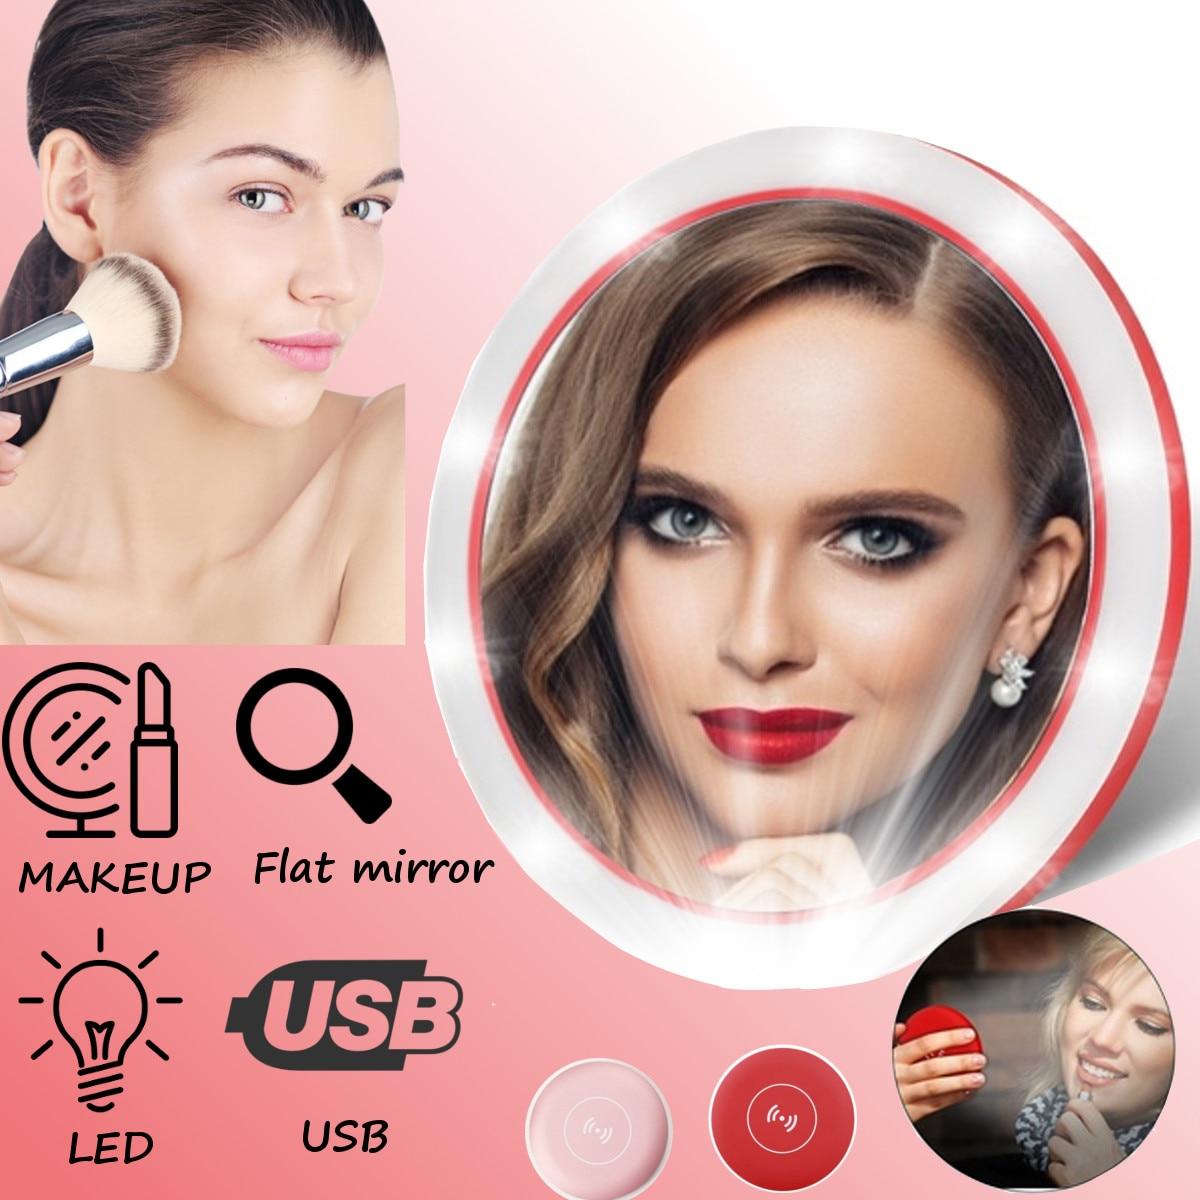 LED portatif éclairé Mini miroir de maquillage circulaire Compact détecteur de voyage éclairage miroir cosmétique sans fil USB charge